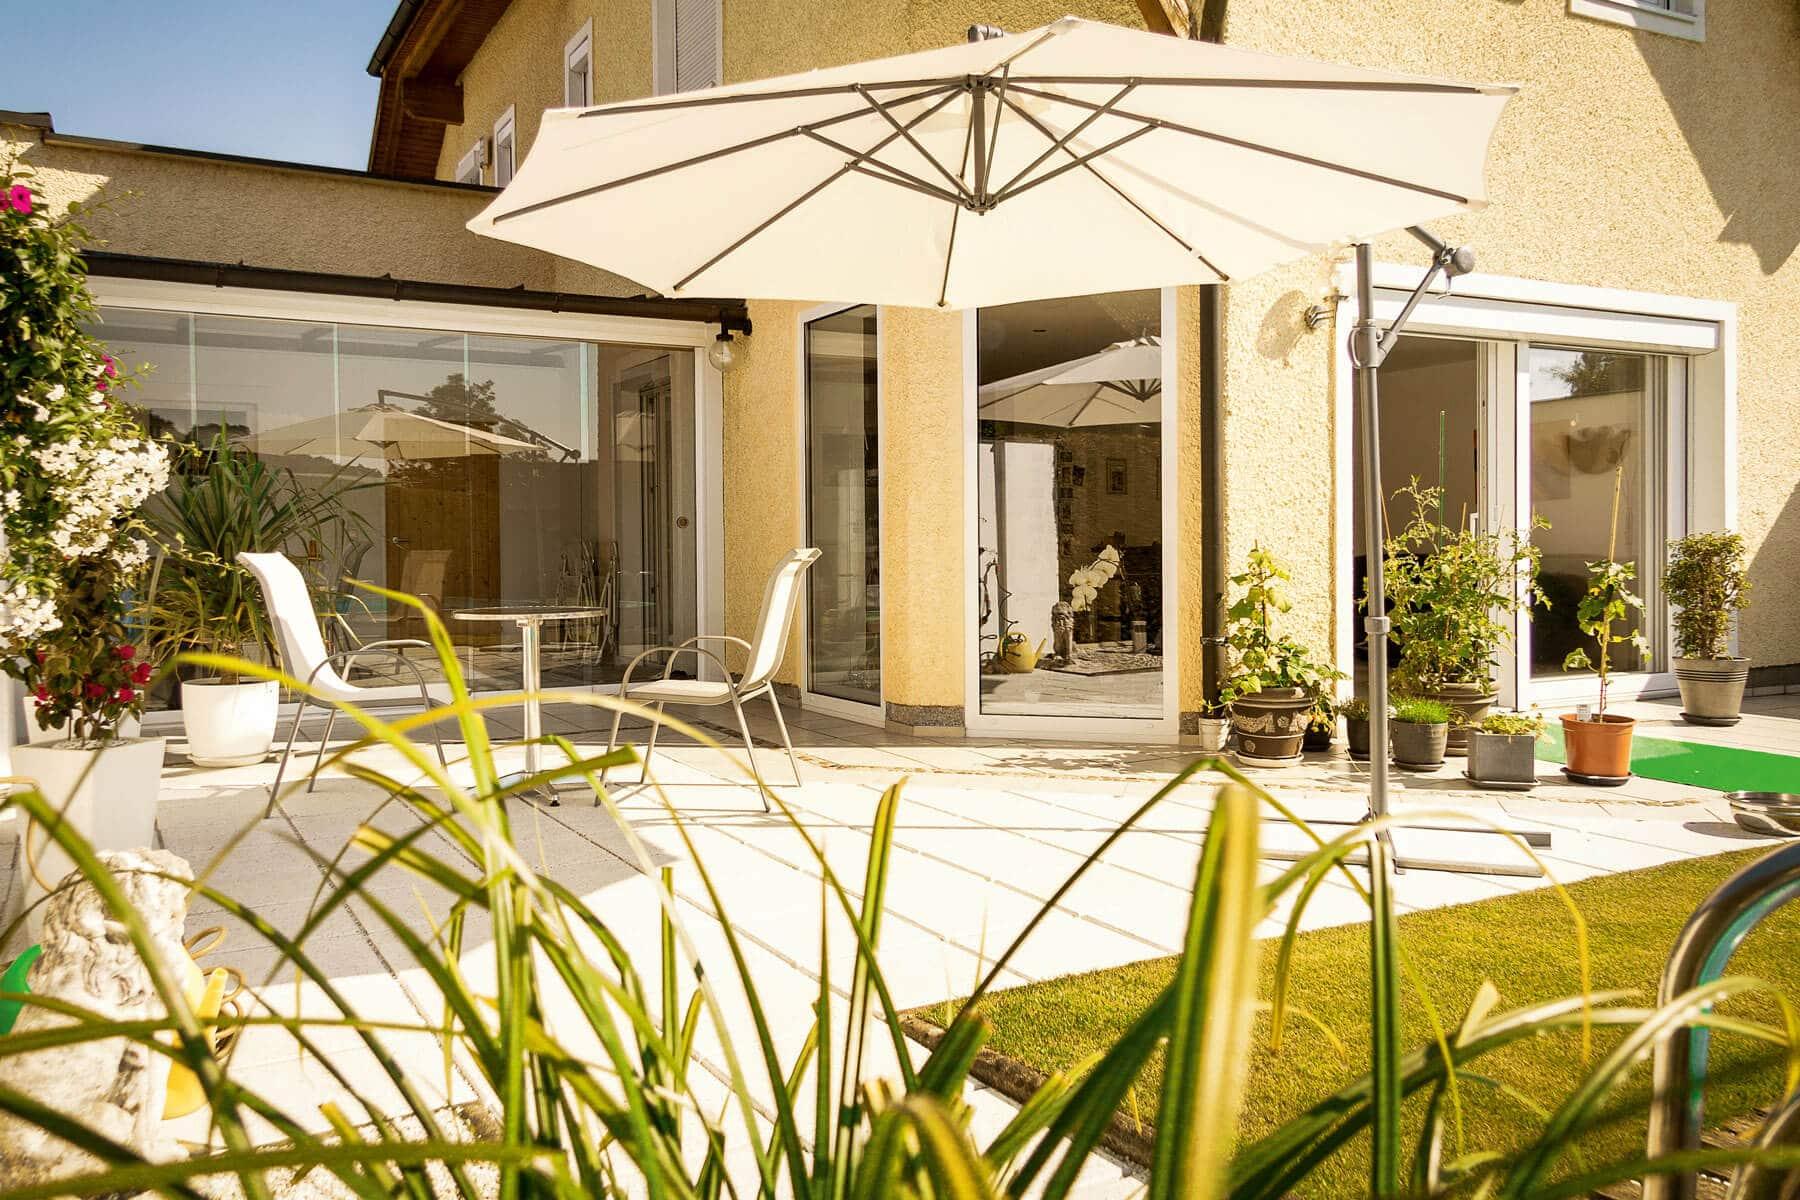 windschutz f r terrasse transparent mit glasschiebet ren. Black Bedroom Furniture Sets. Home Design Ideas